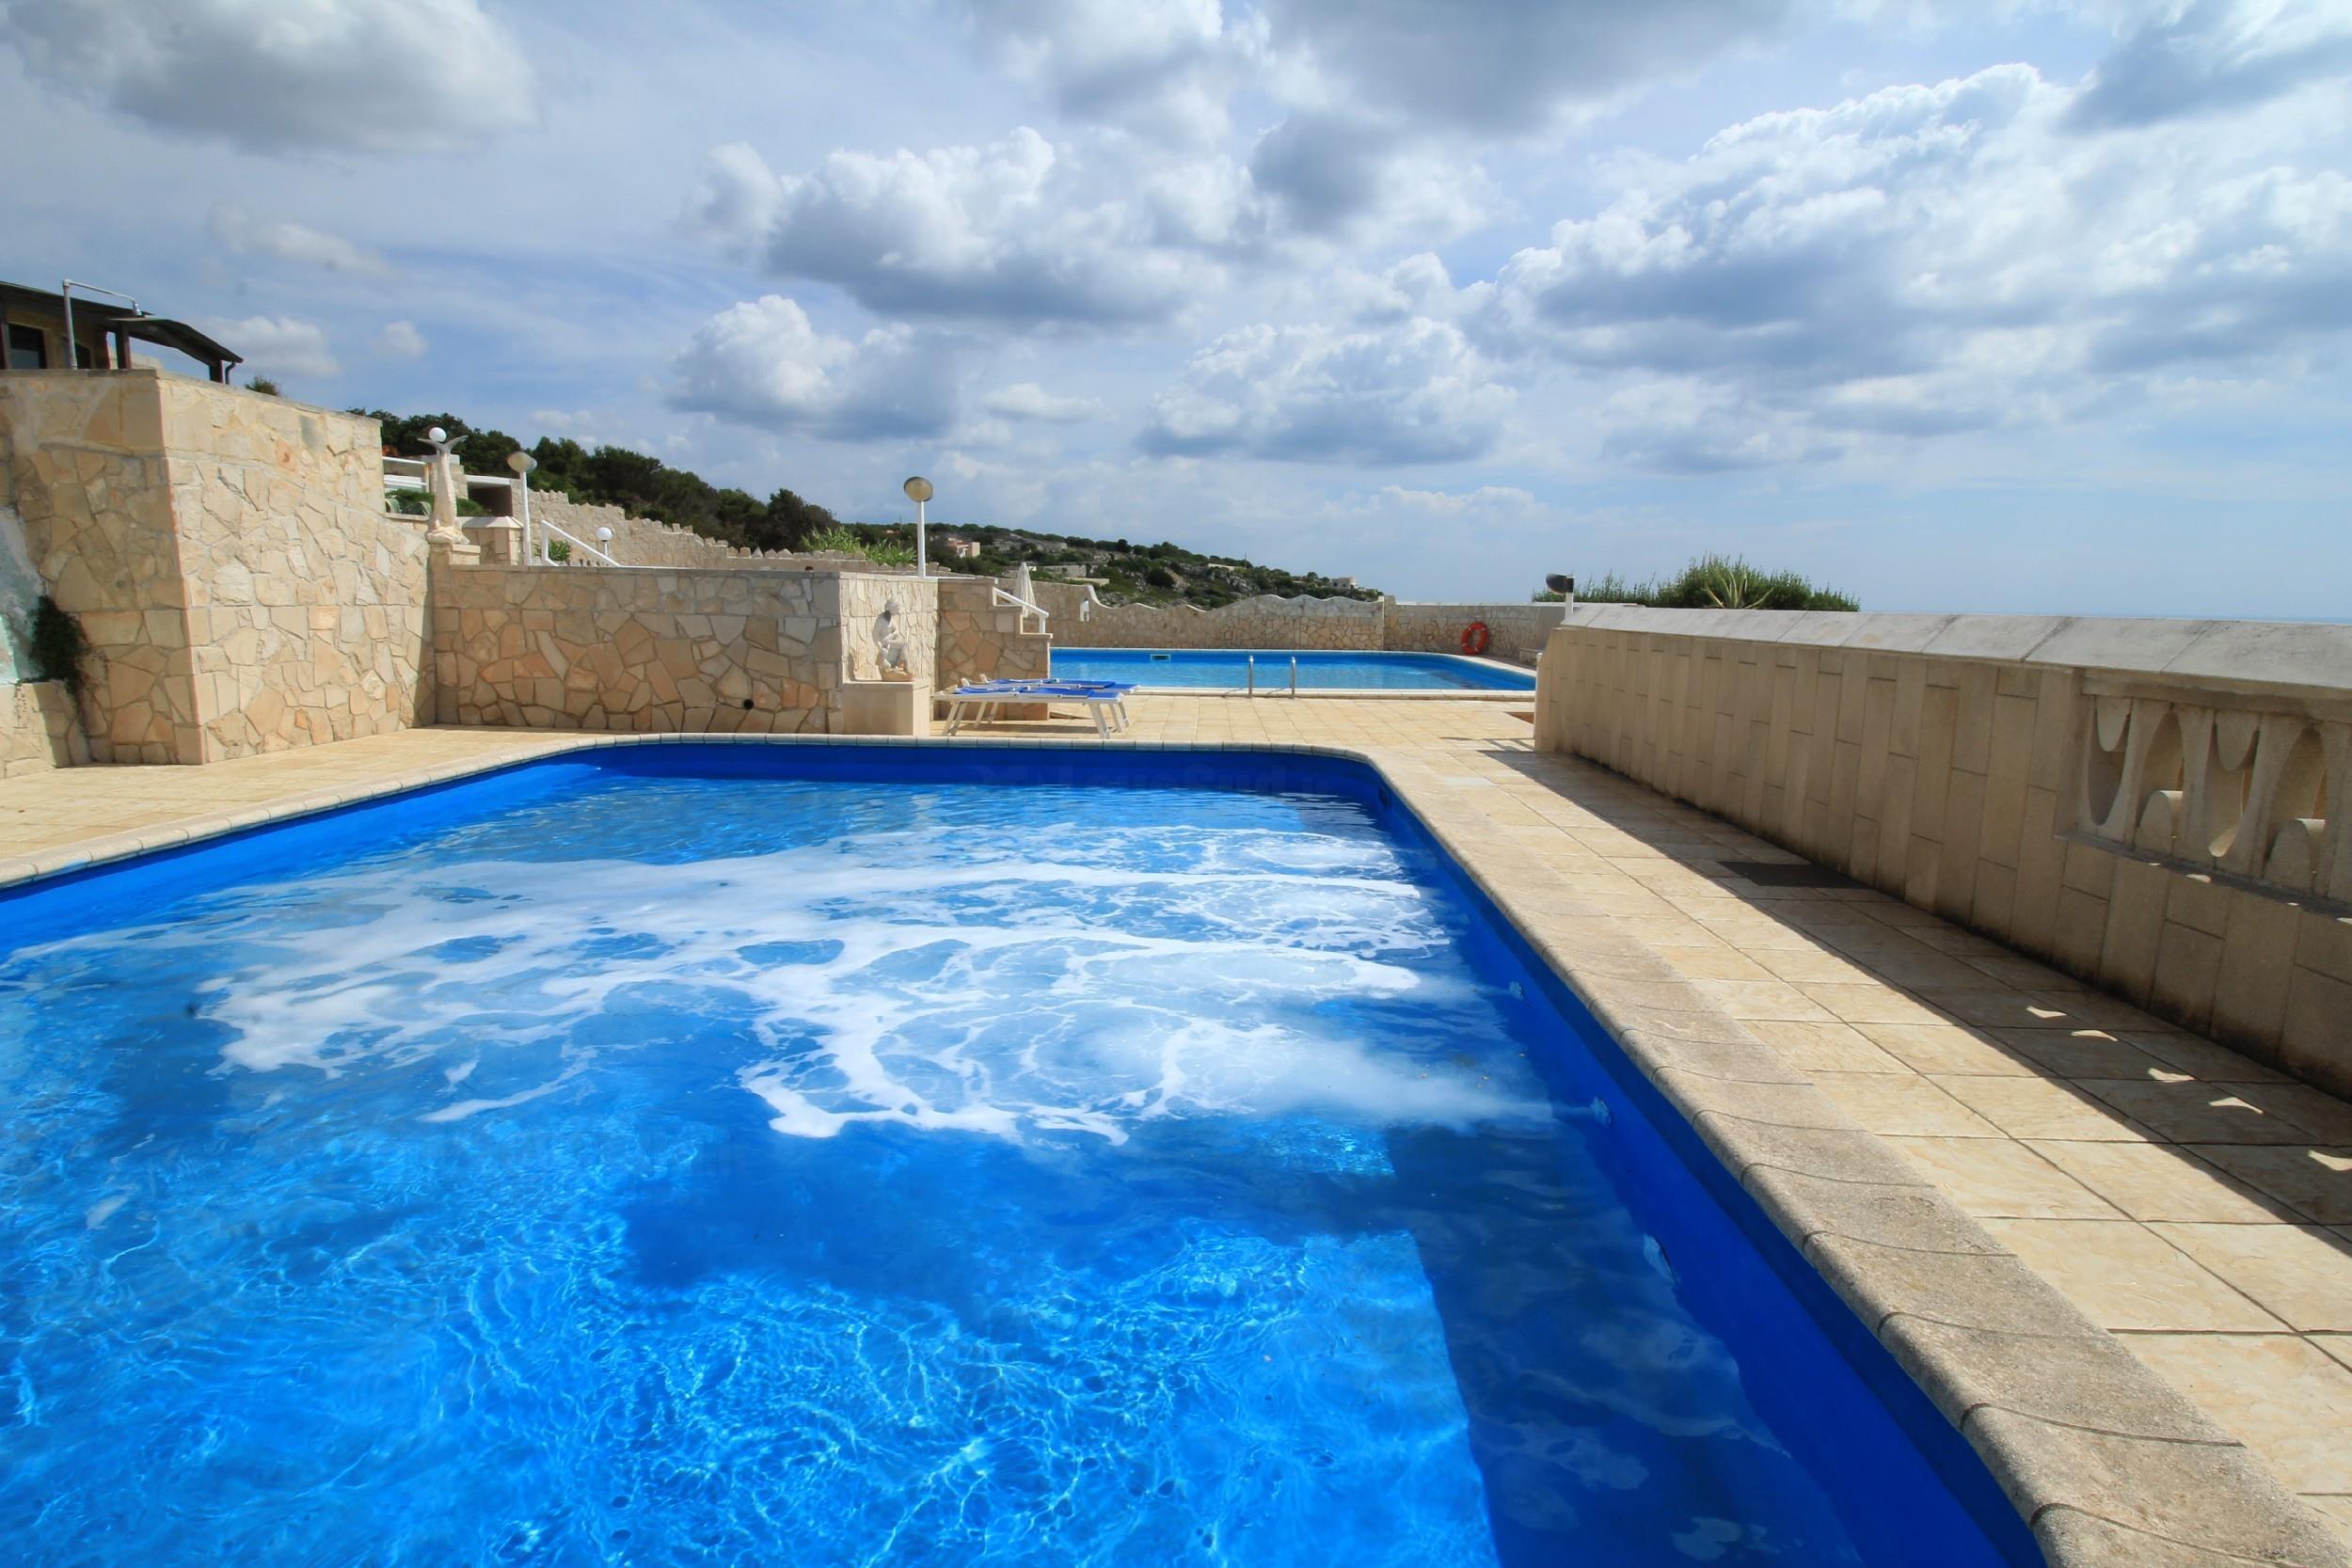 Apartment Trullo Ulivo pool complex photo 22460363